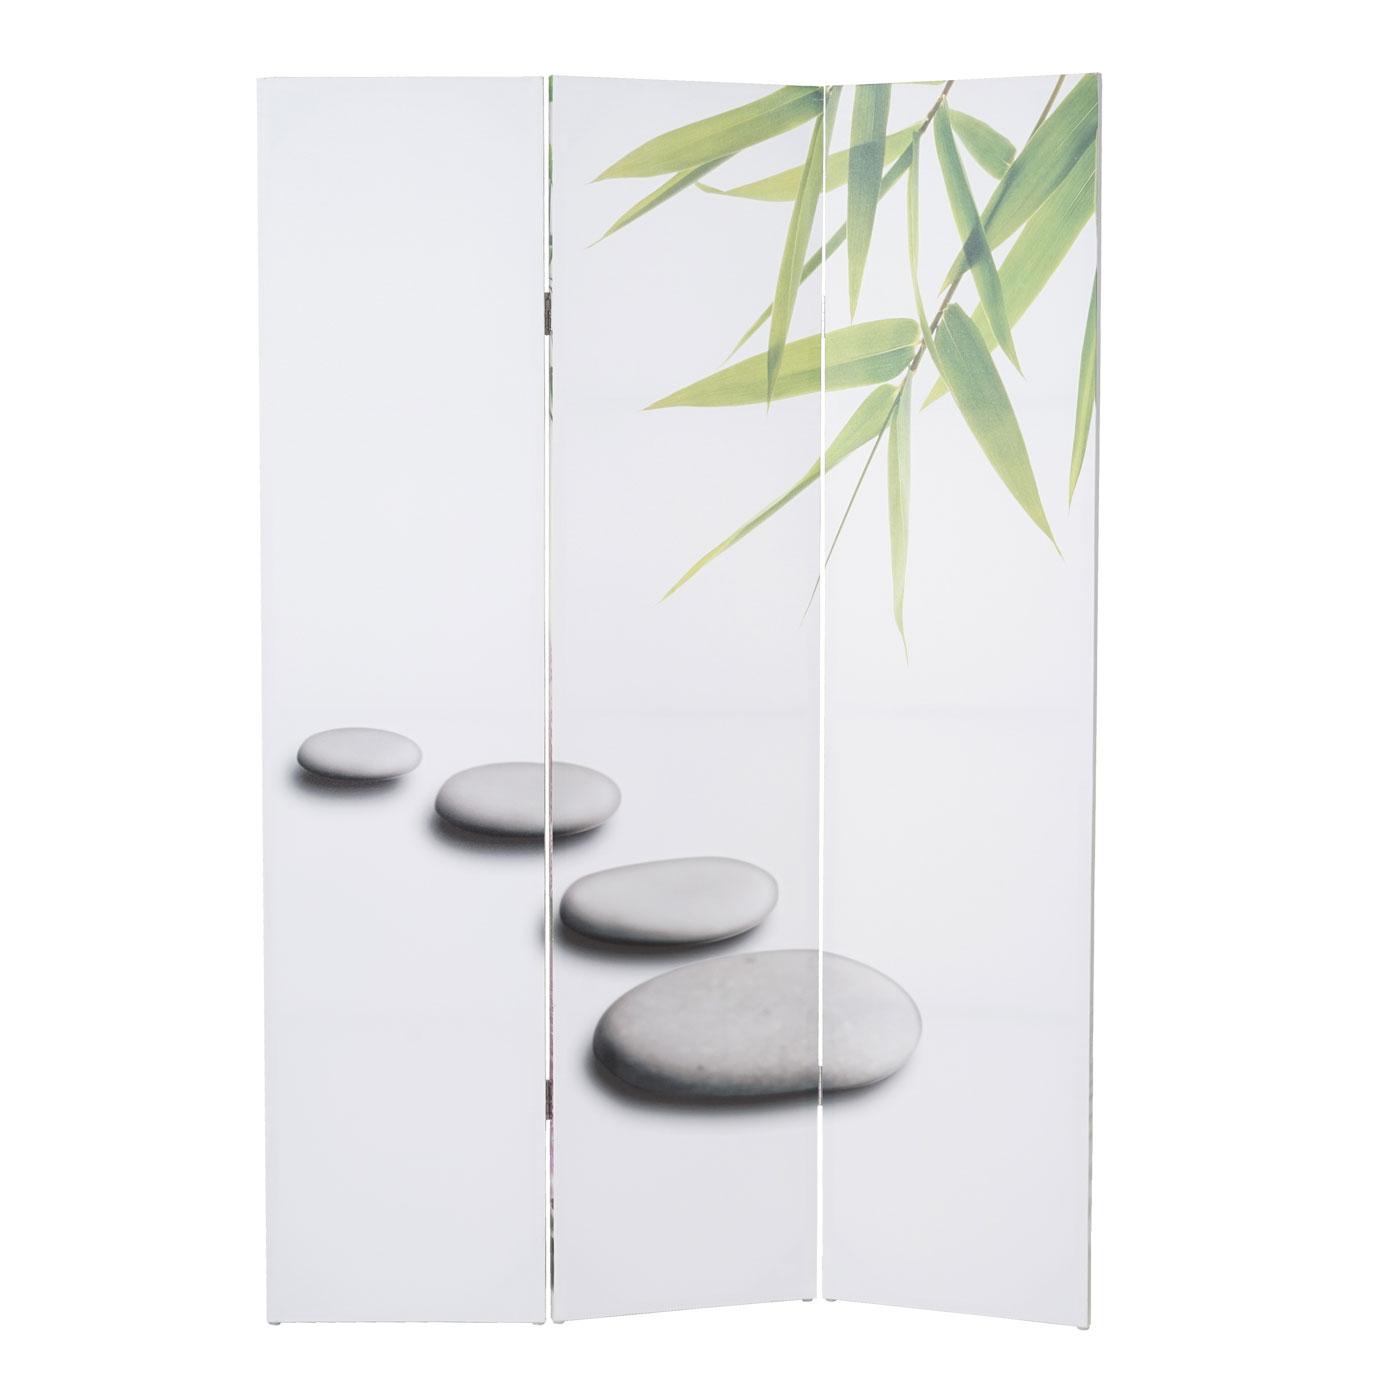 Paravent Raumteiler Motiv Kho Samui 180x120cm